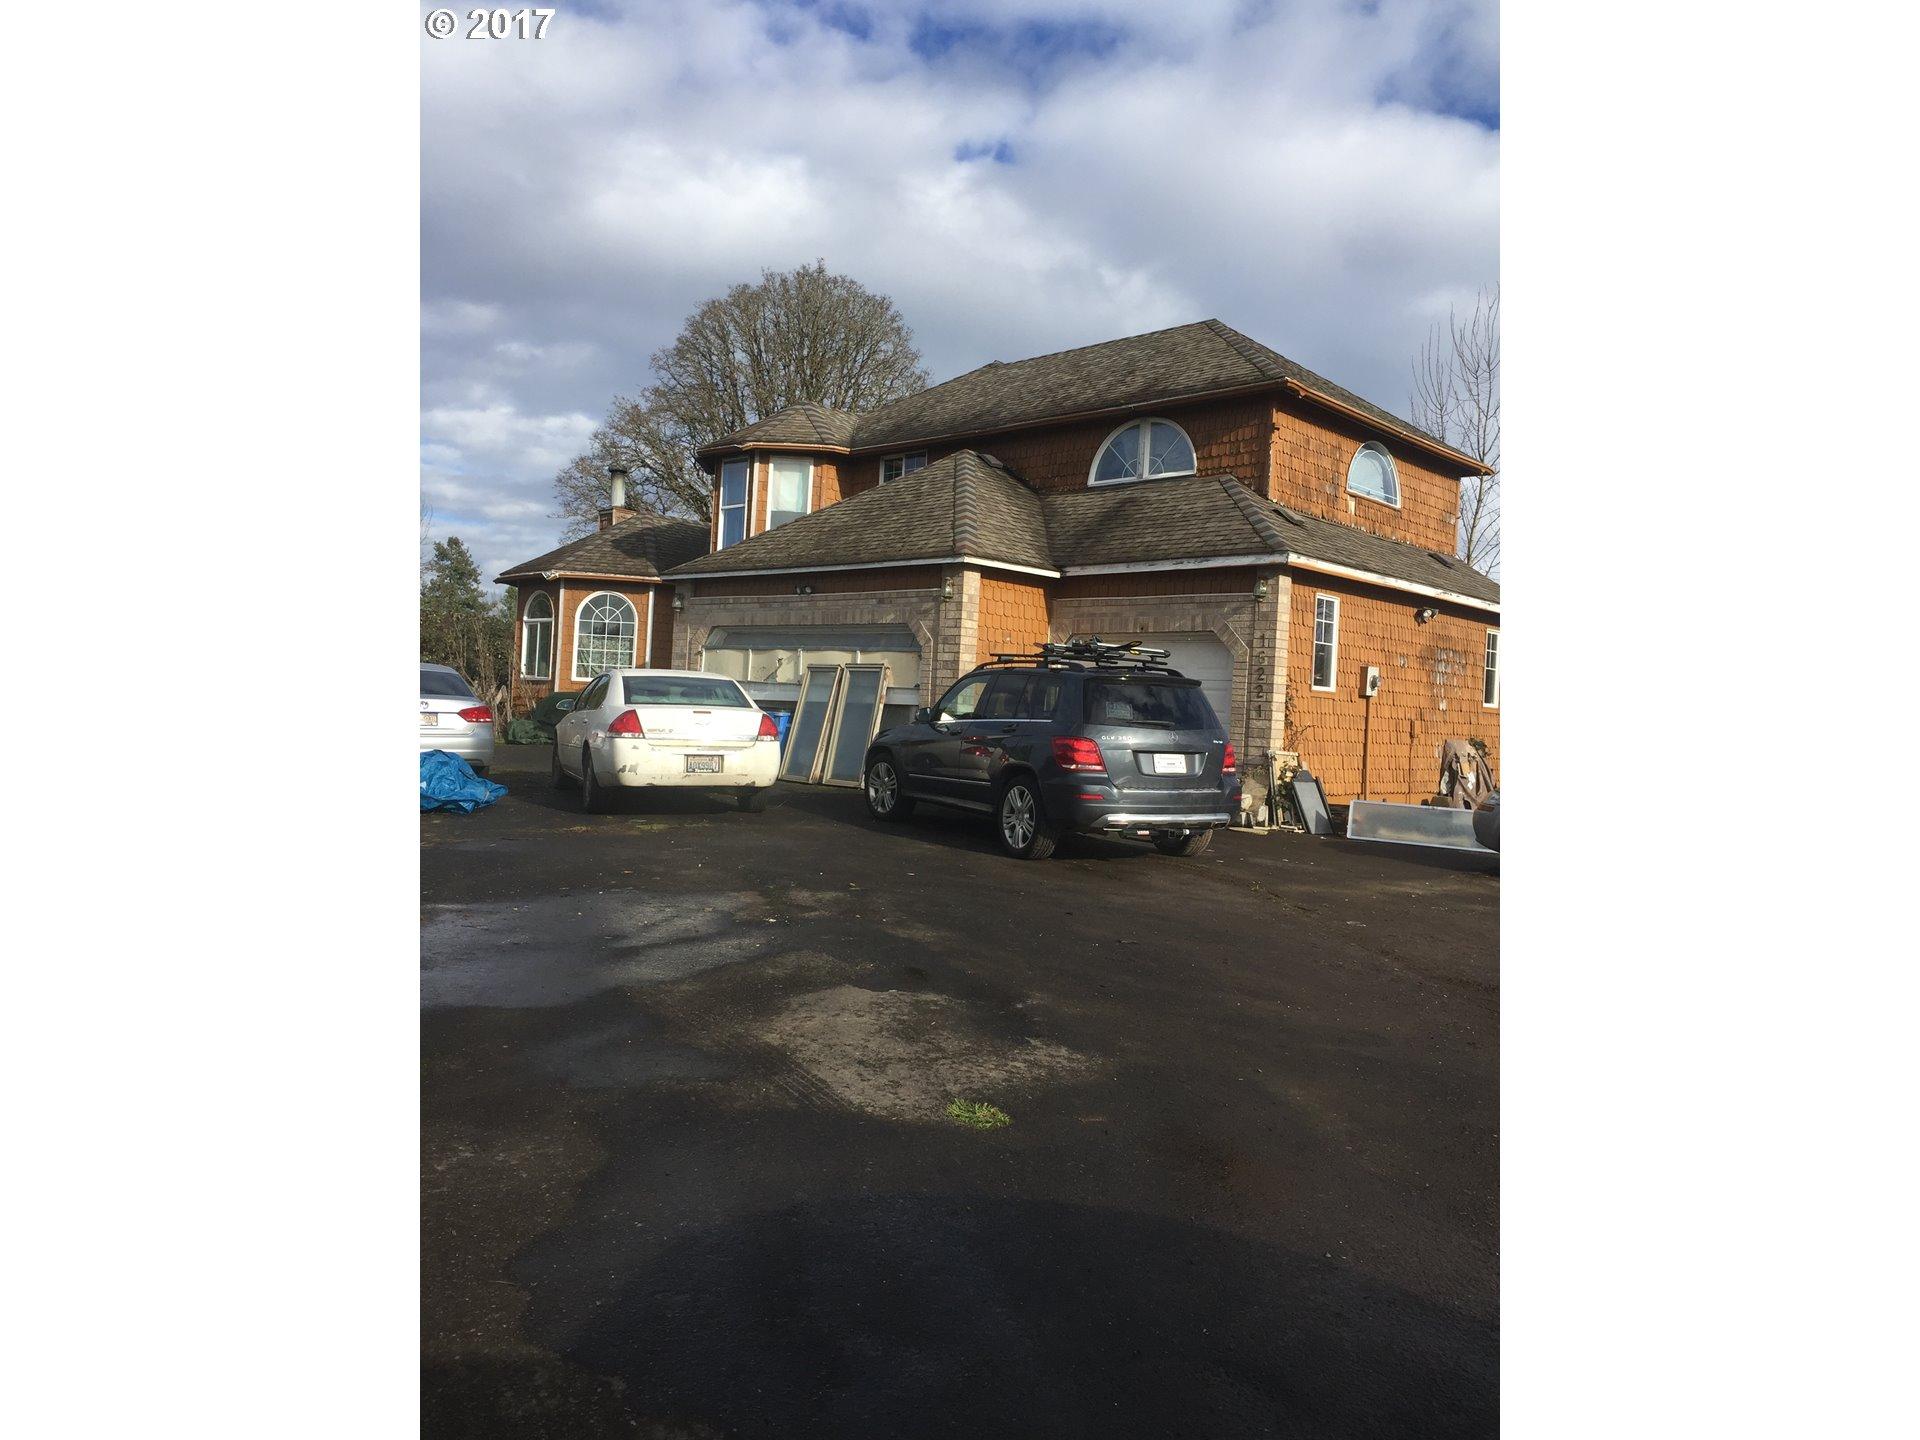 16221 NE 72ND AVE, Vancouver, WA 98686